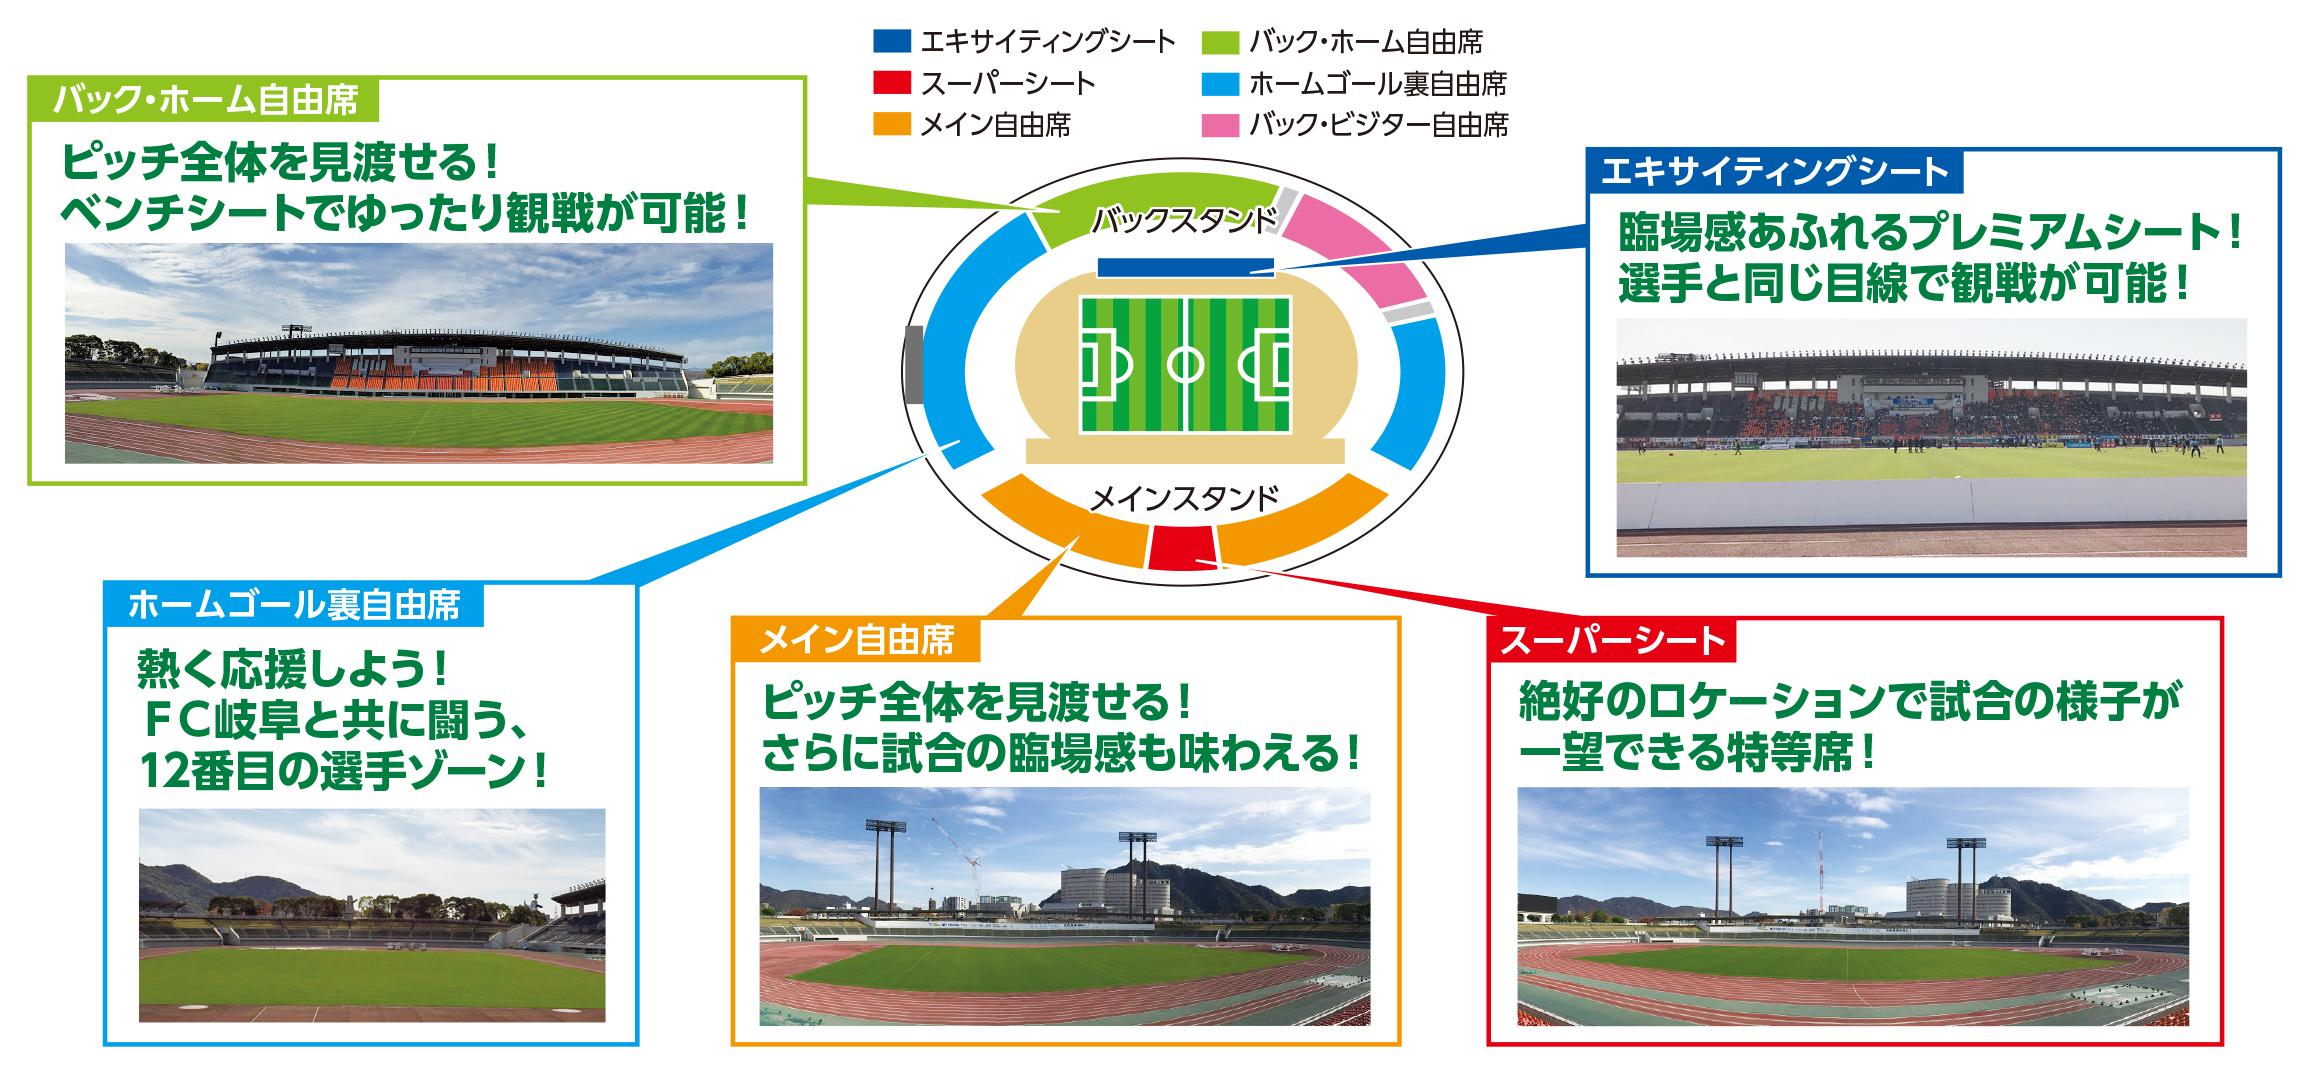 ハーフシーチケ購入ガイド2017_オモテ_JPEG用